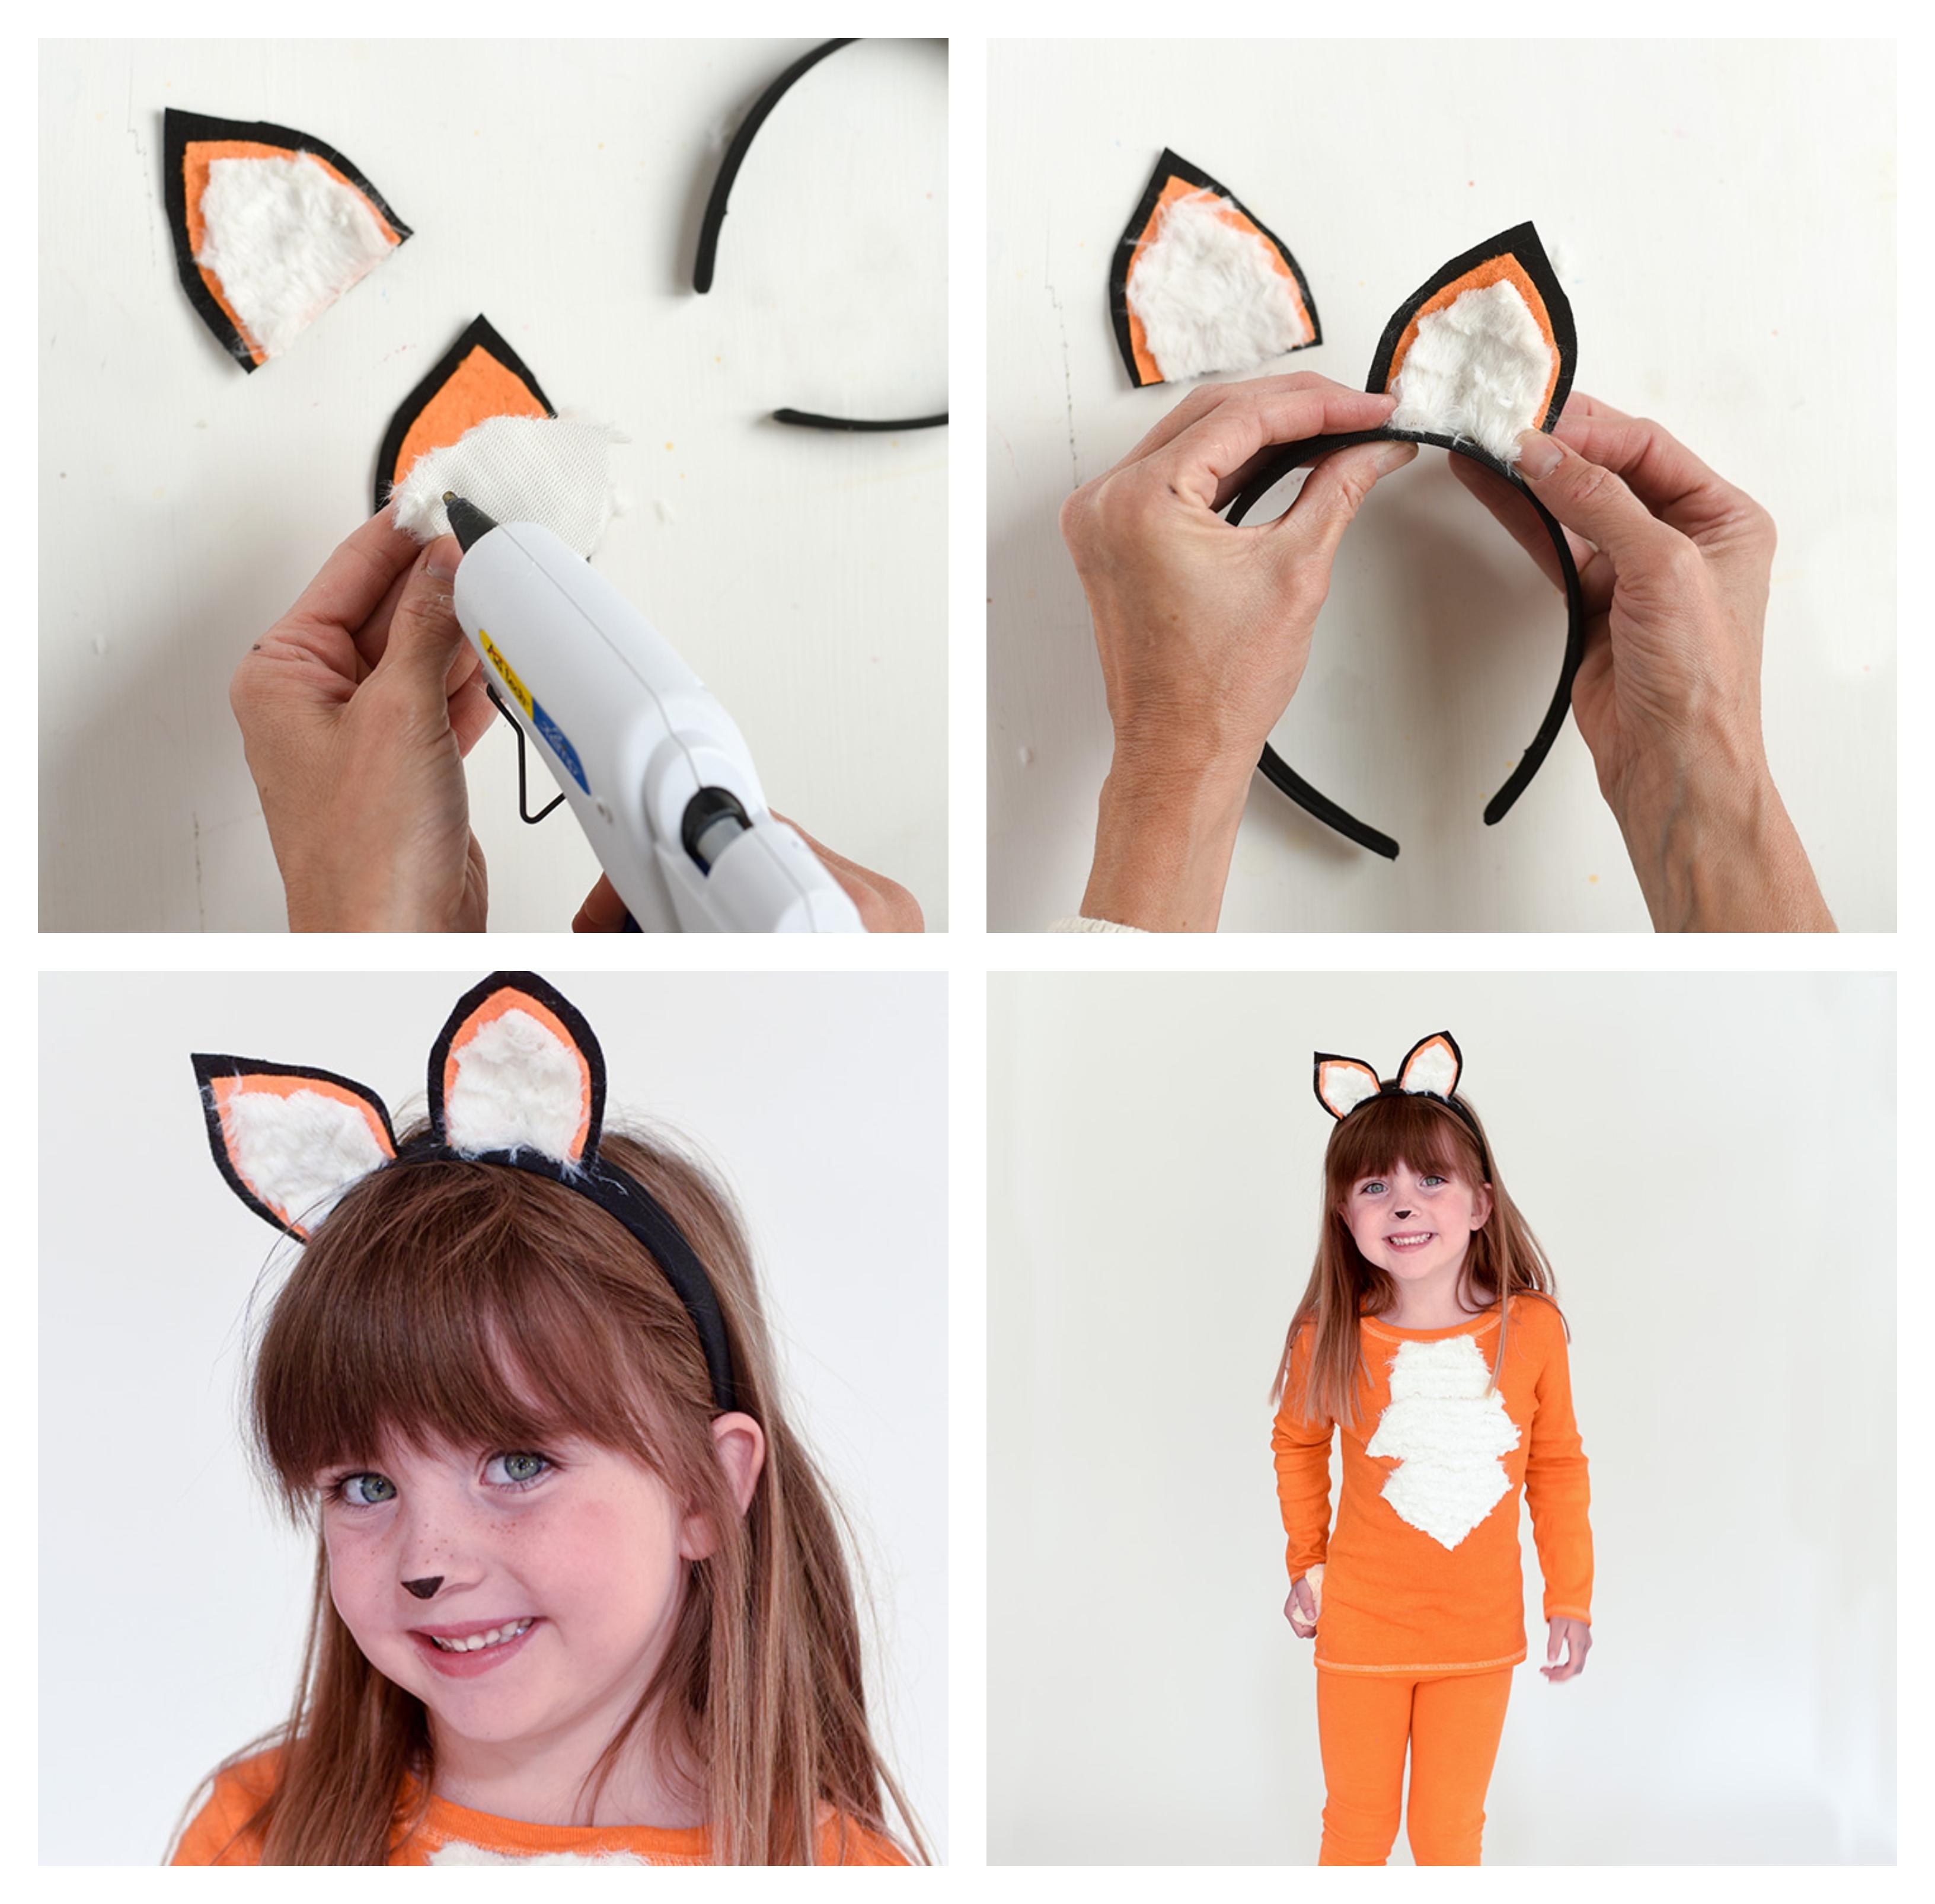 como hacer una diadema para la cabeza, ideas disfrace zorro pequeña niña, disfraces de halloween originales paso a paso